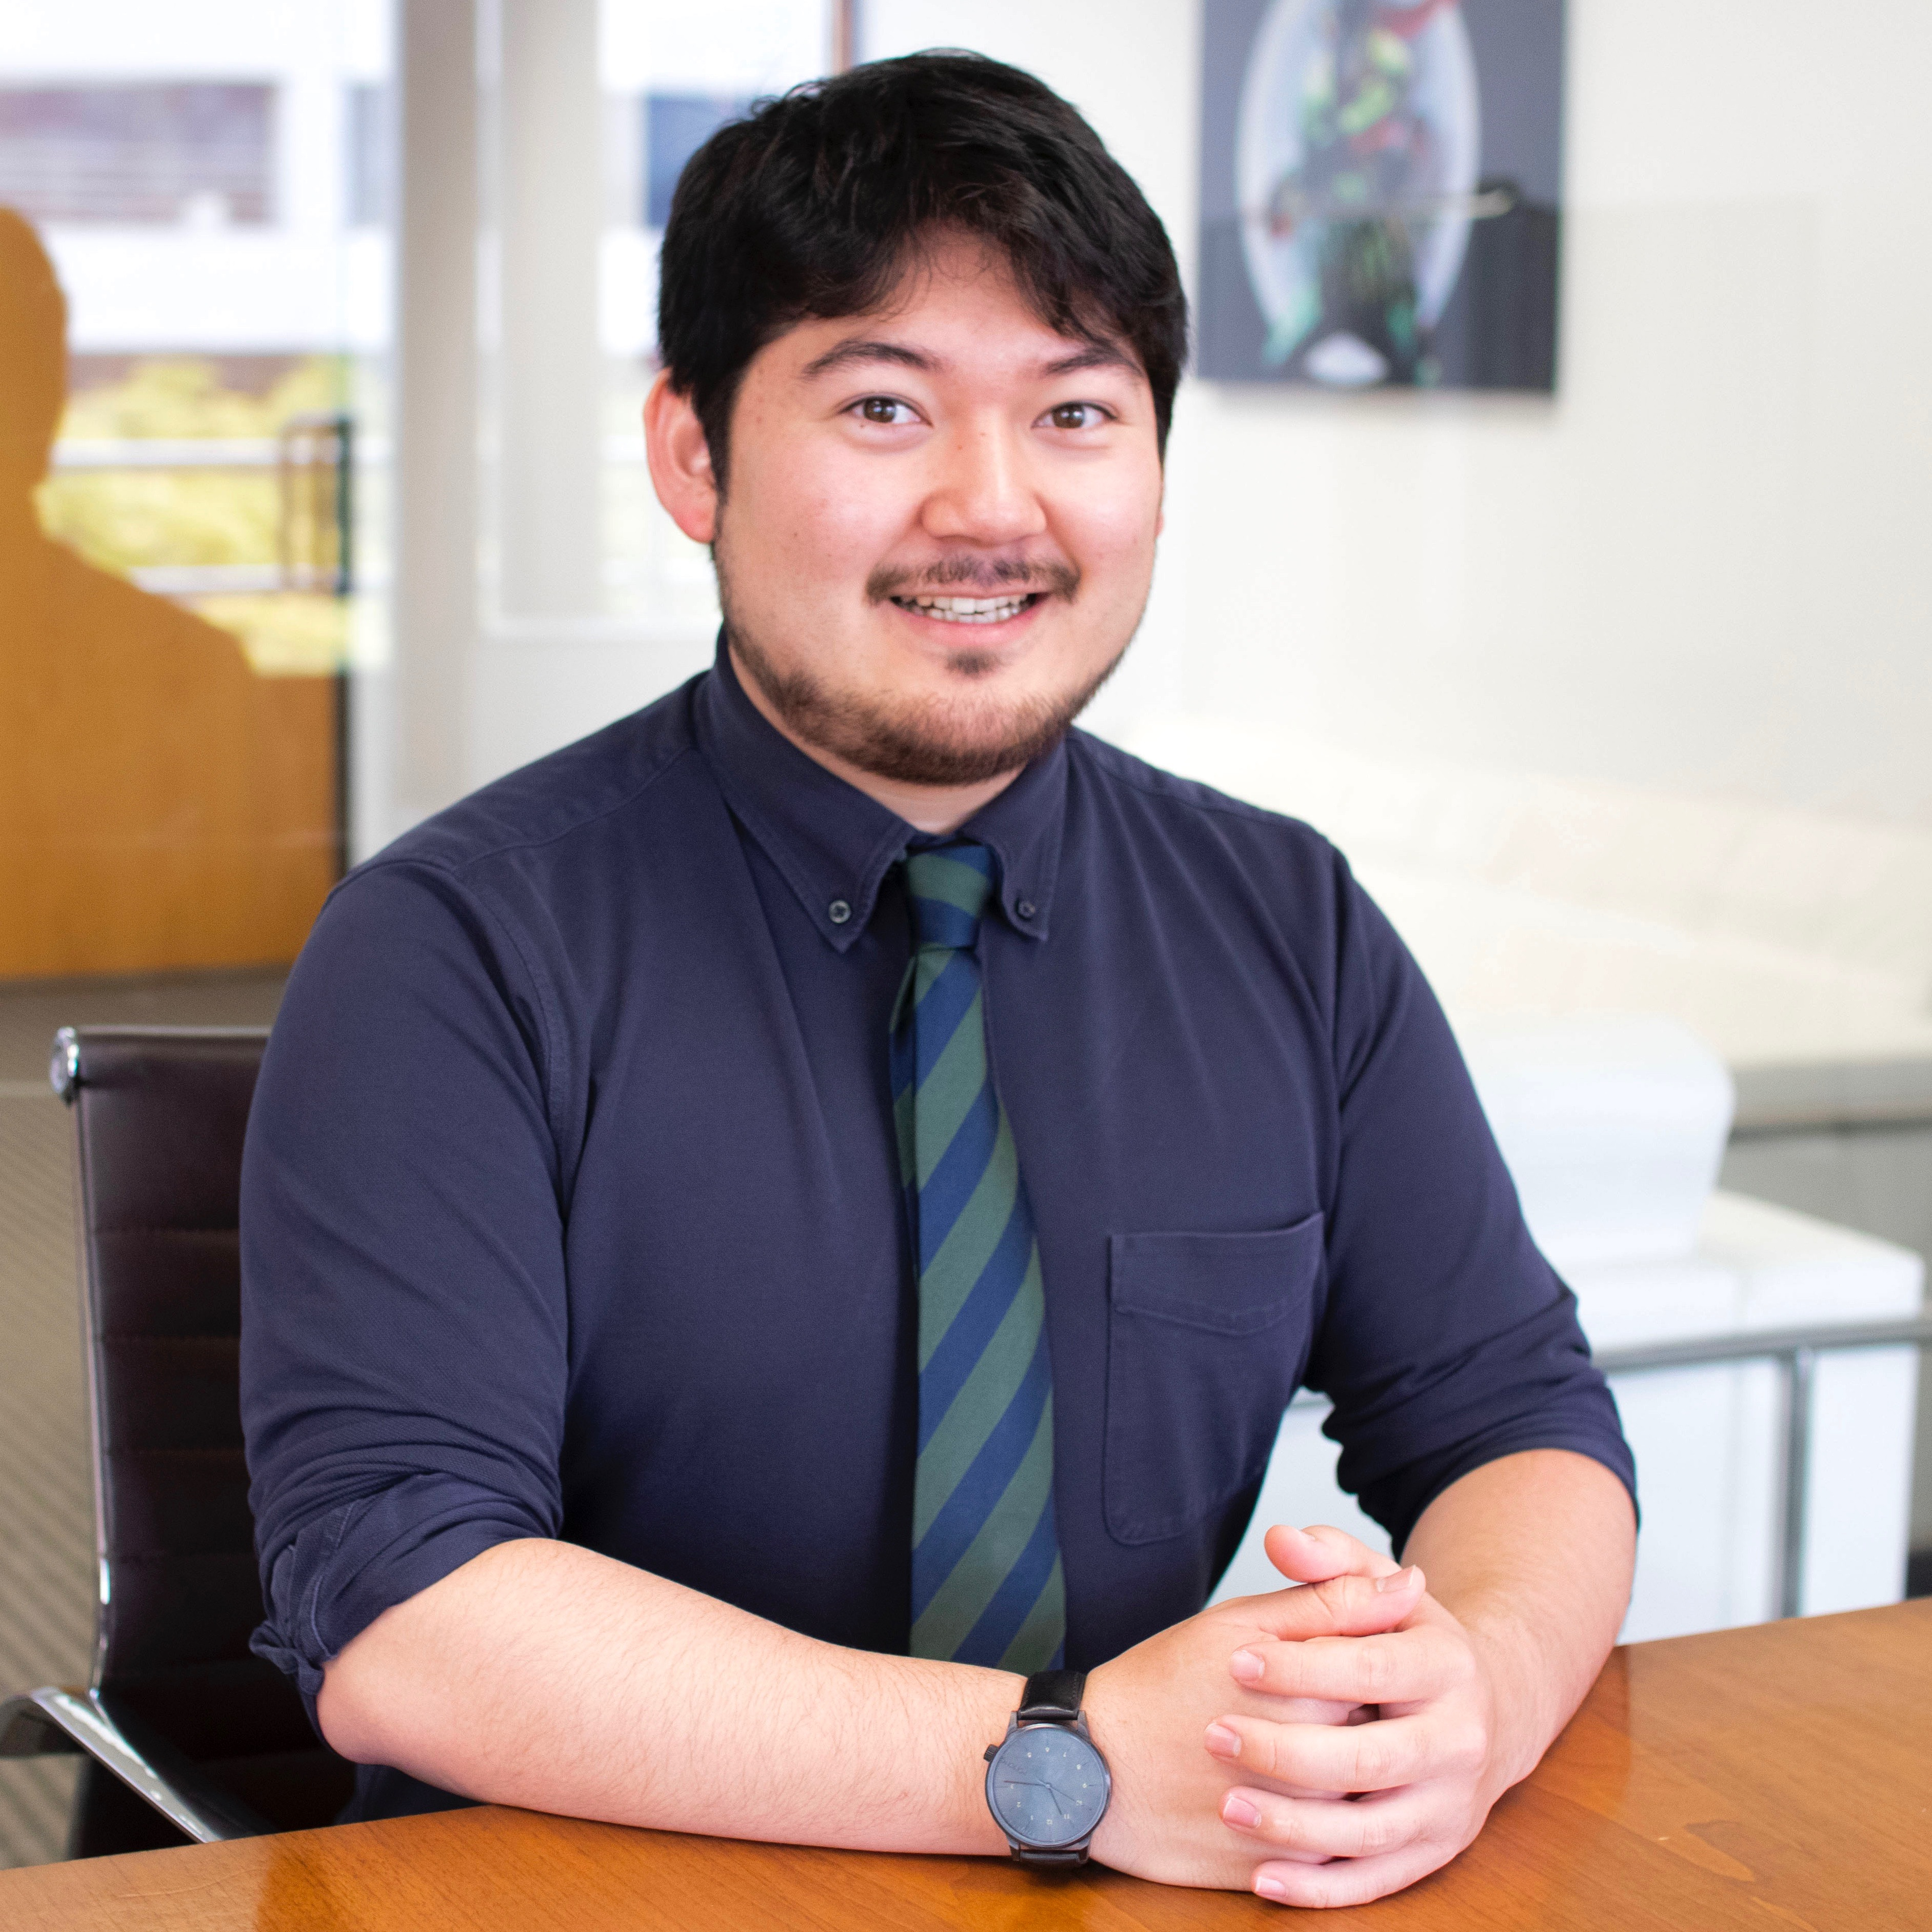 Riku Ito